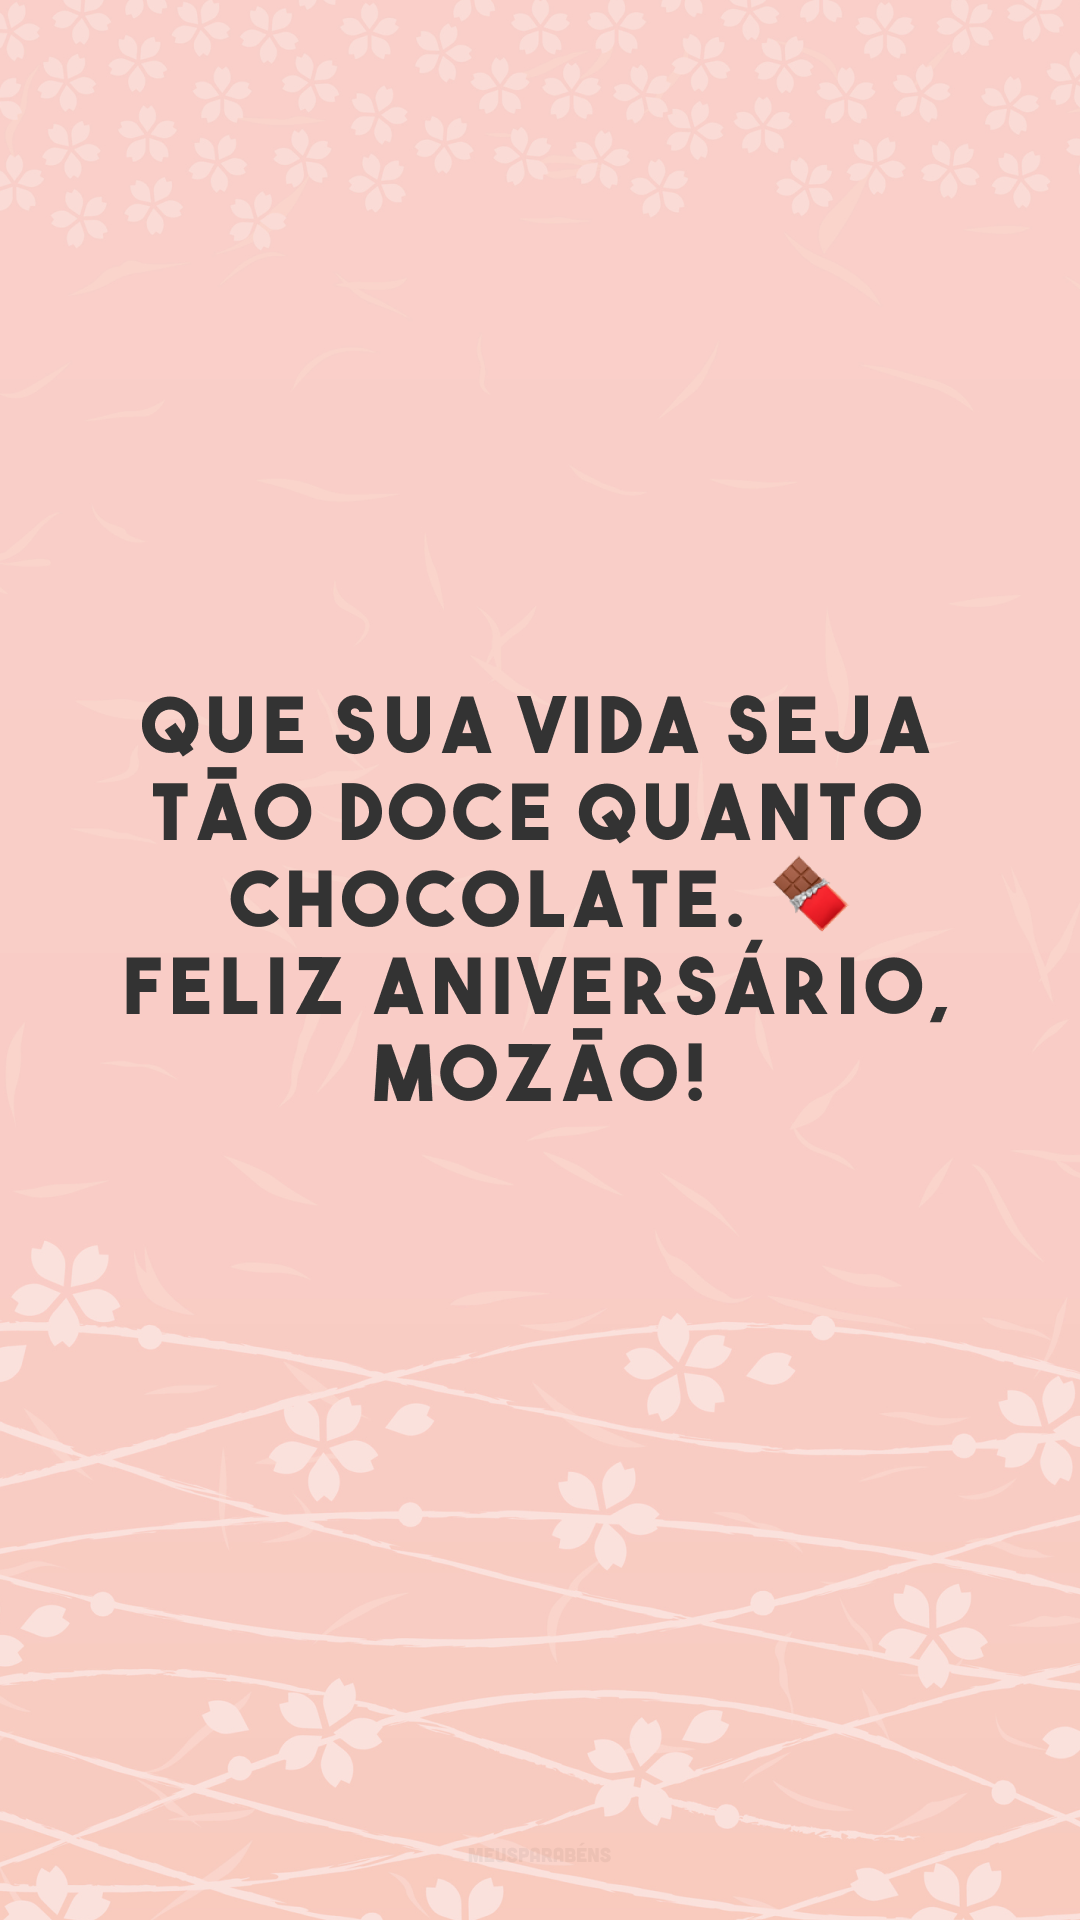 Que sua vida seja tão doce quanto chocolate. 🍫 Feliz aniversário, mozão!